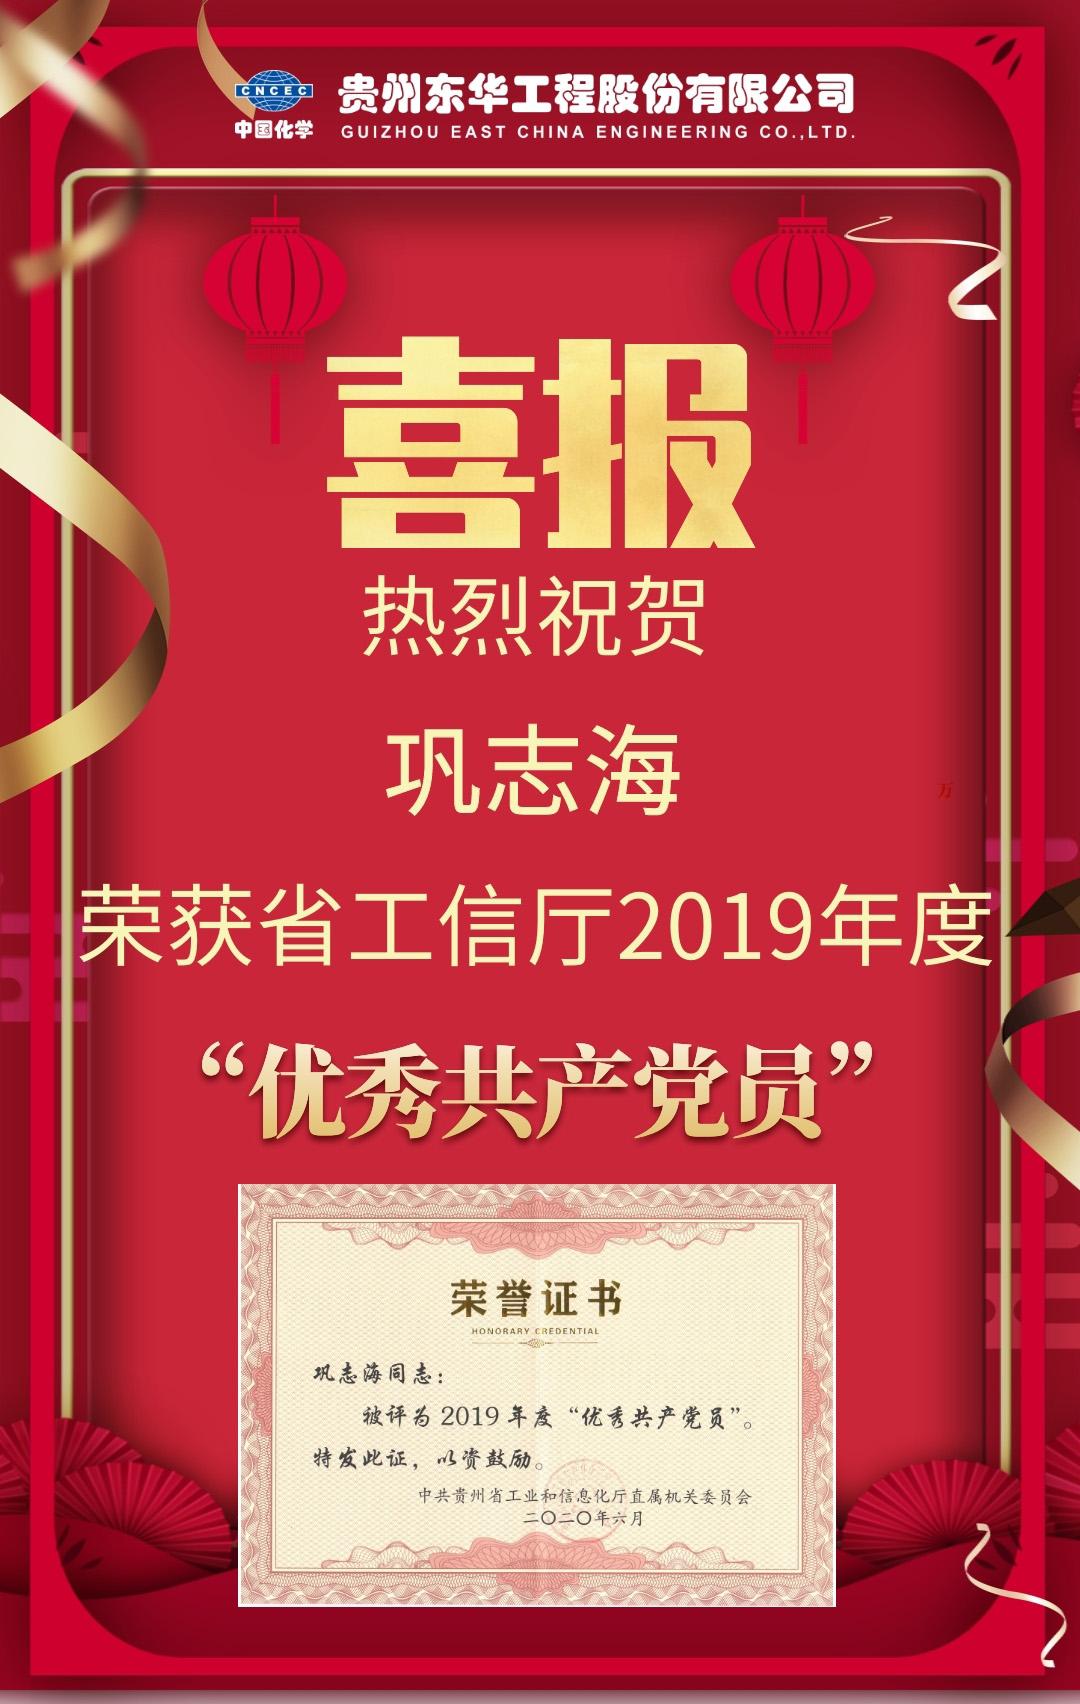 """巩志海荣获贵州省工信厅2019年度""""优秀共产党员"""""""